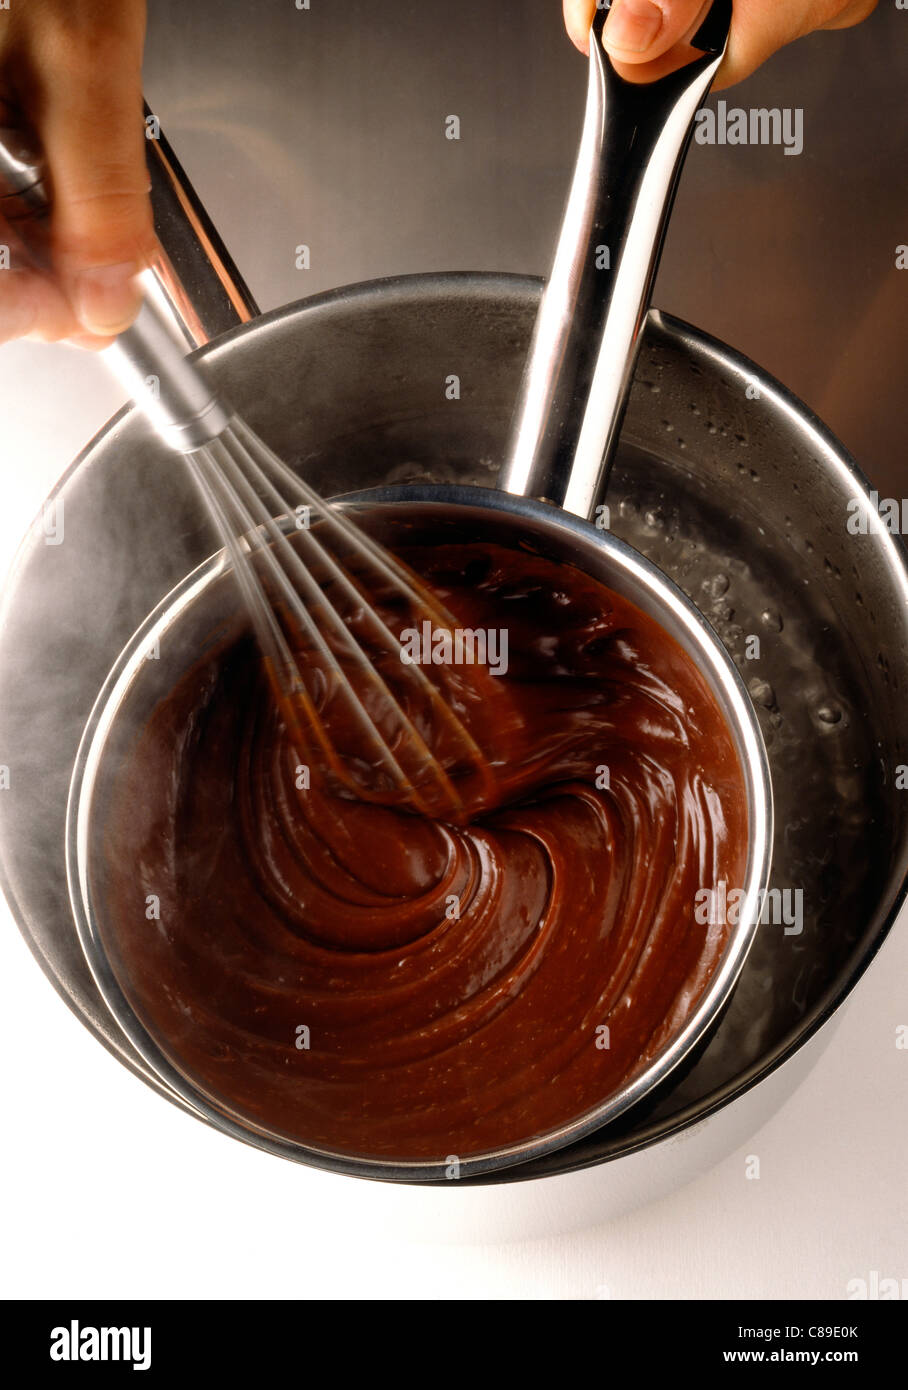 Chocolate Baño Maria   El Chocolate Derretido En Bano Maria Foto Imagen De Stock